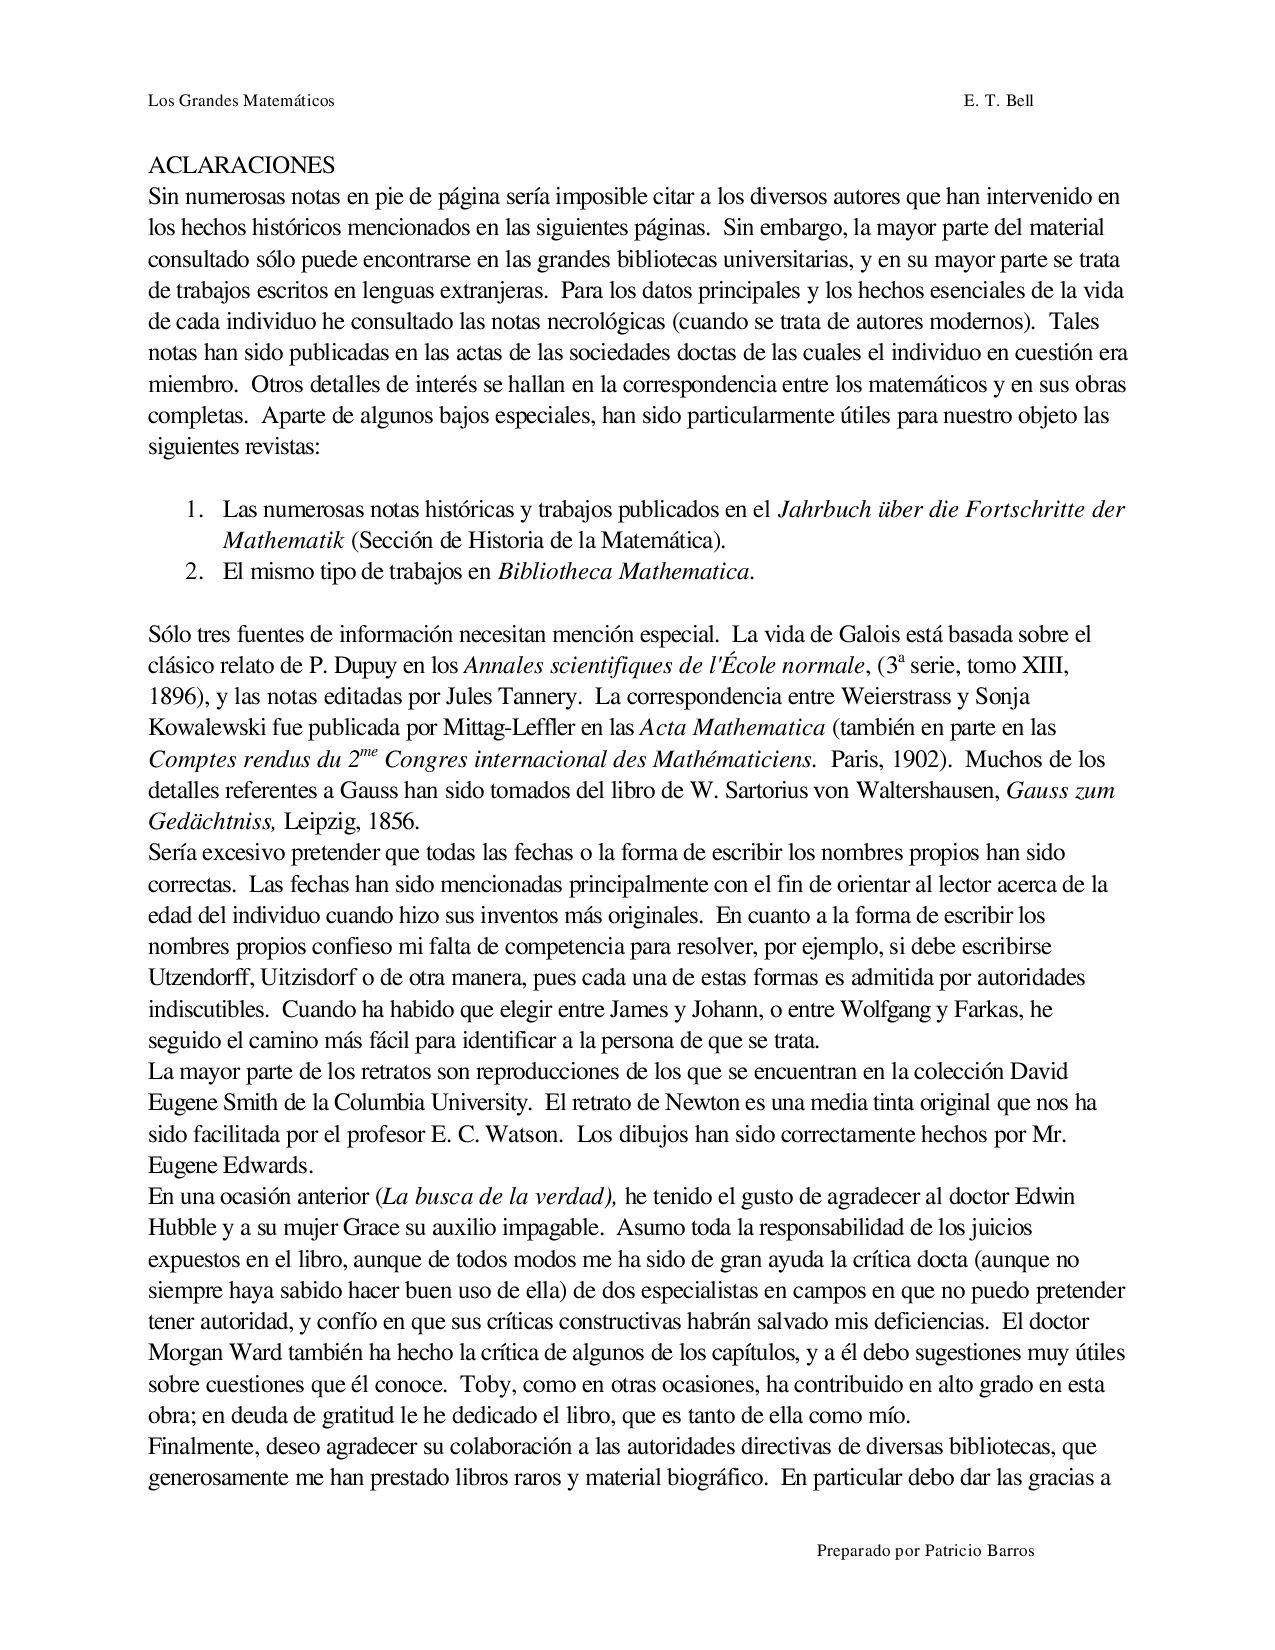 Los grandes matematicos by jnl arquitecto - issuu